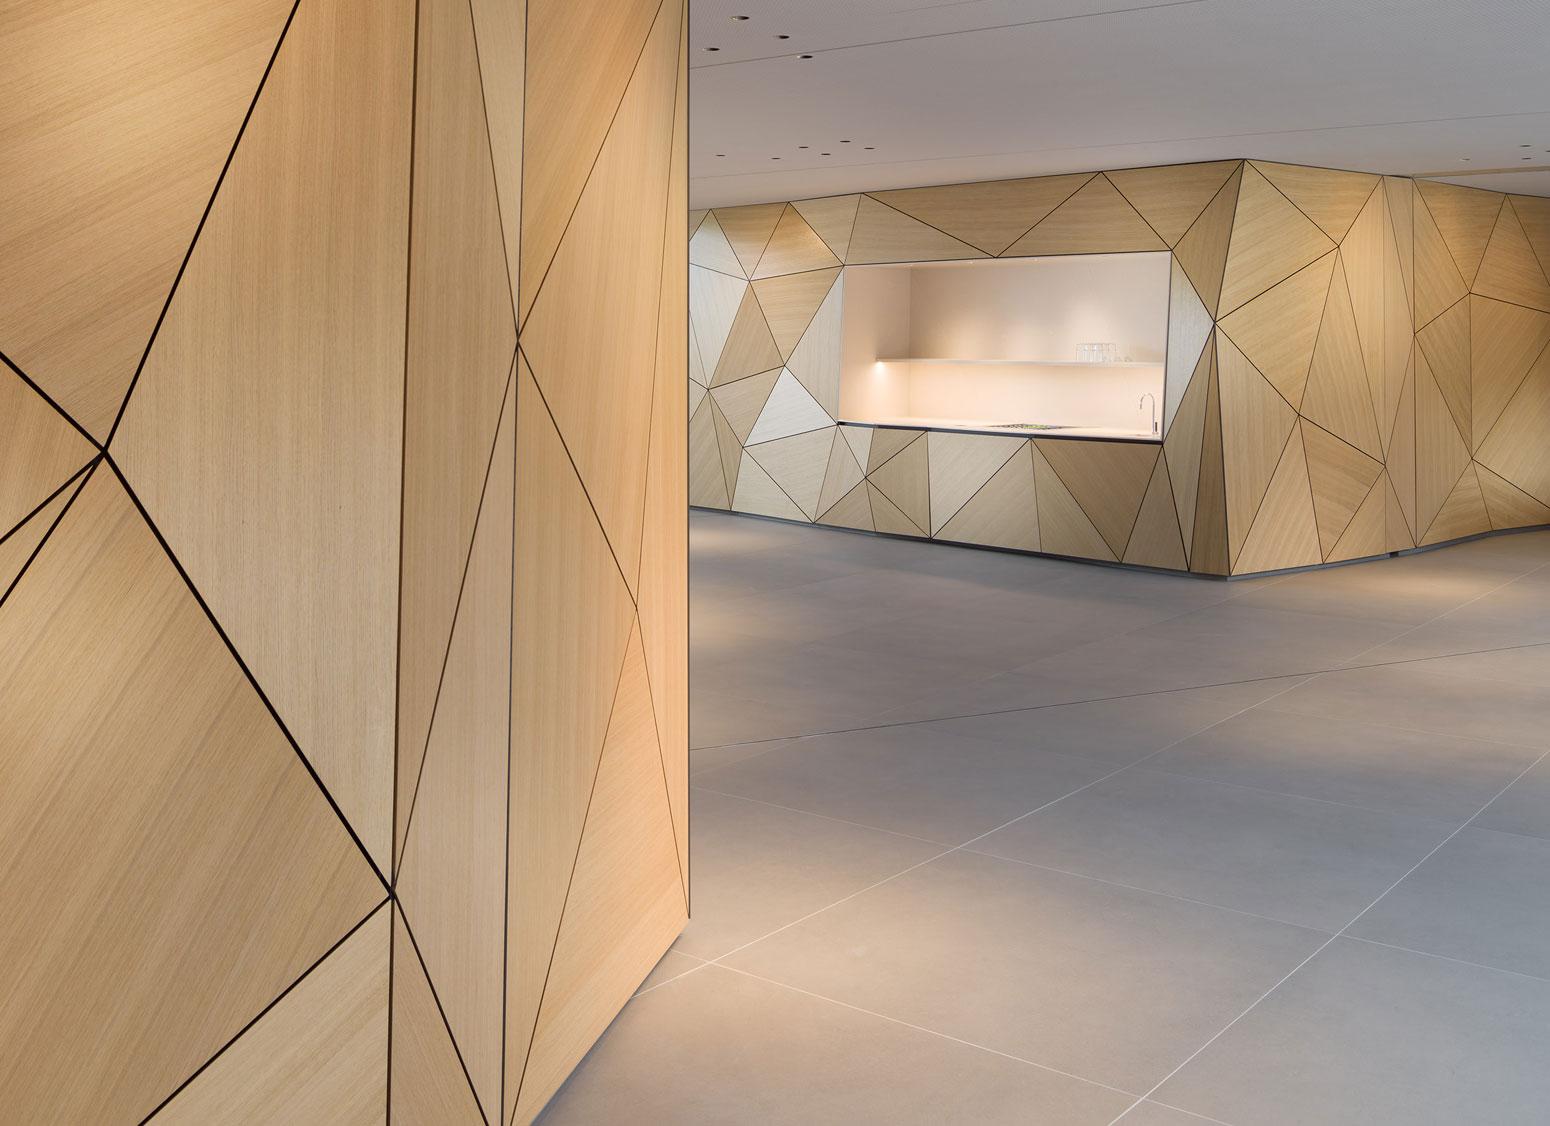 rodi bringt zusammen was zusammengehört, 648 verschiedene Dreiecke.